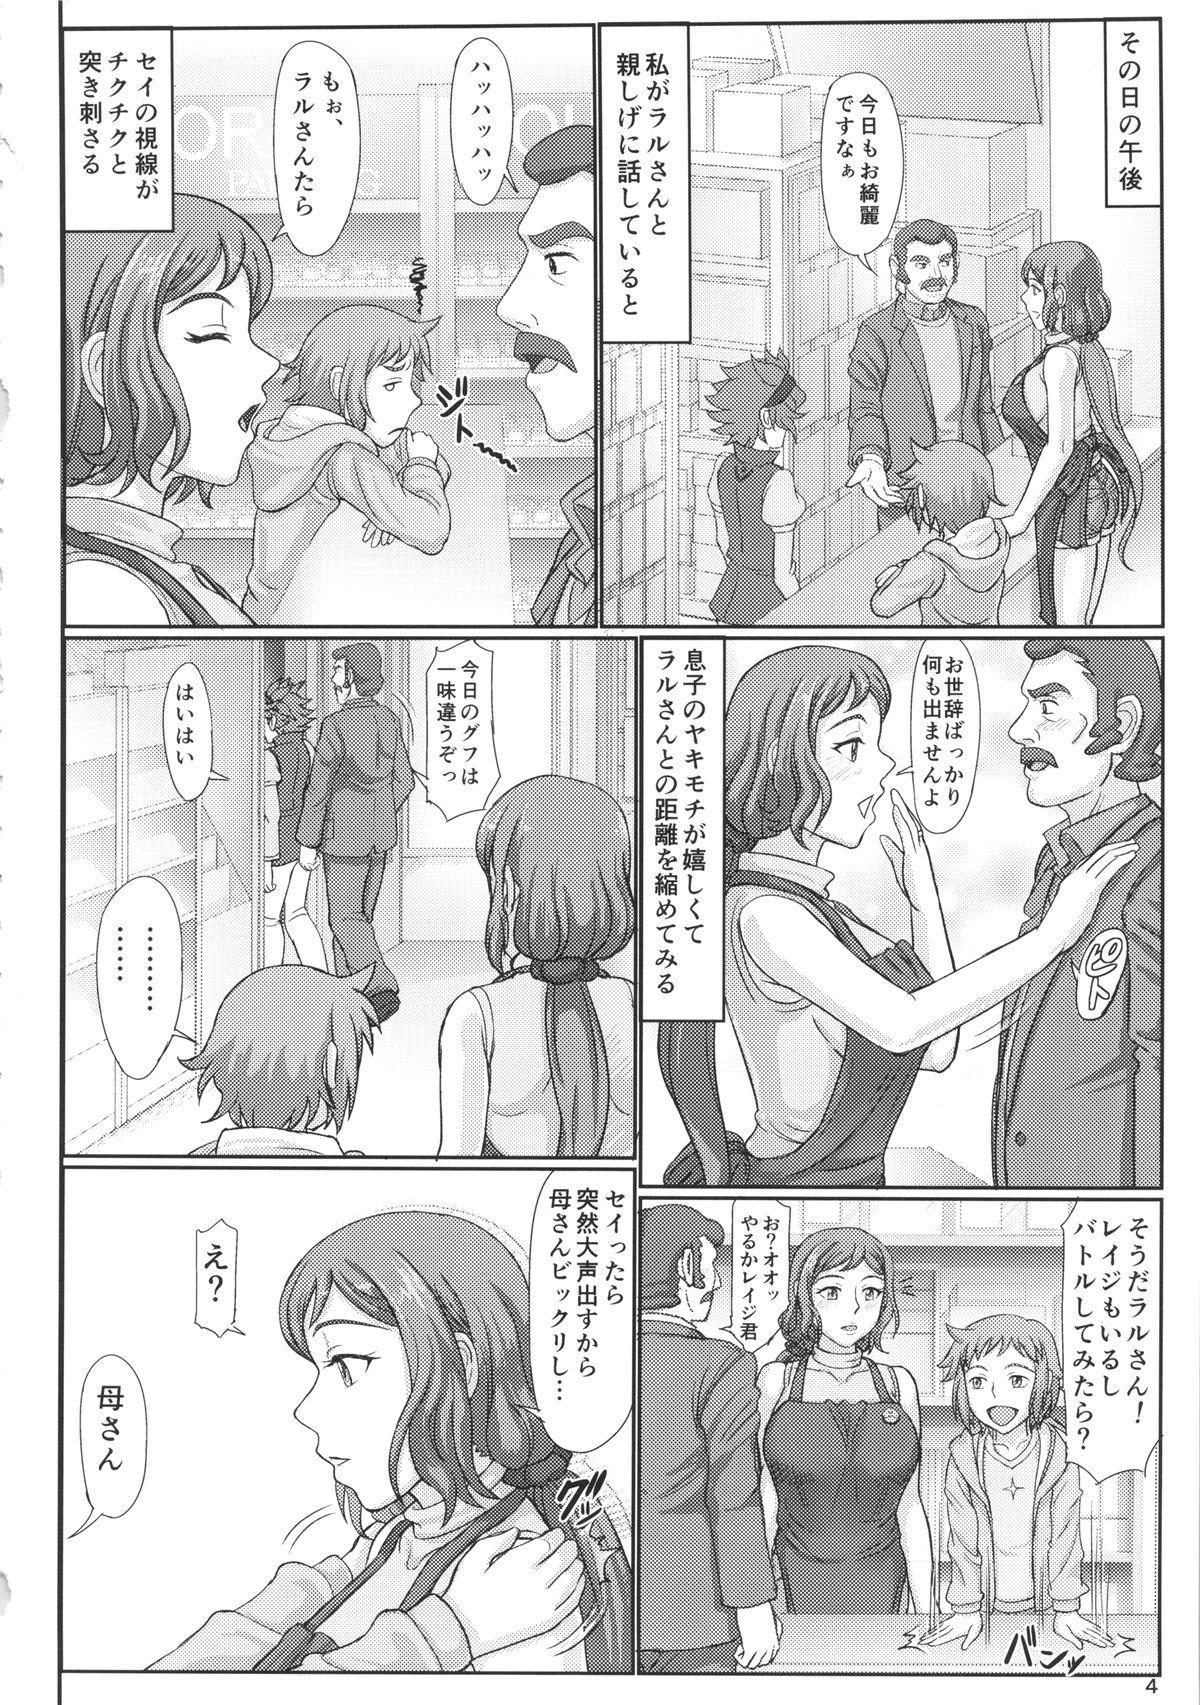 (C86) [Gouon (SWA)] Haha Netori 2 - Mama-tenchou Jitaku Kanraku Hen (Gundam Build Fighters) 2